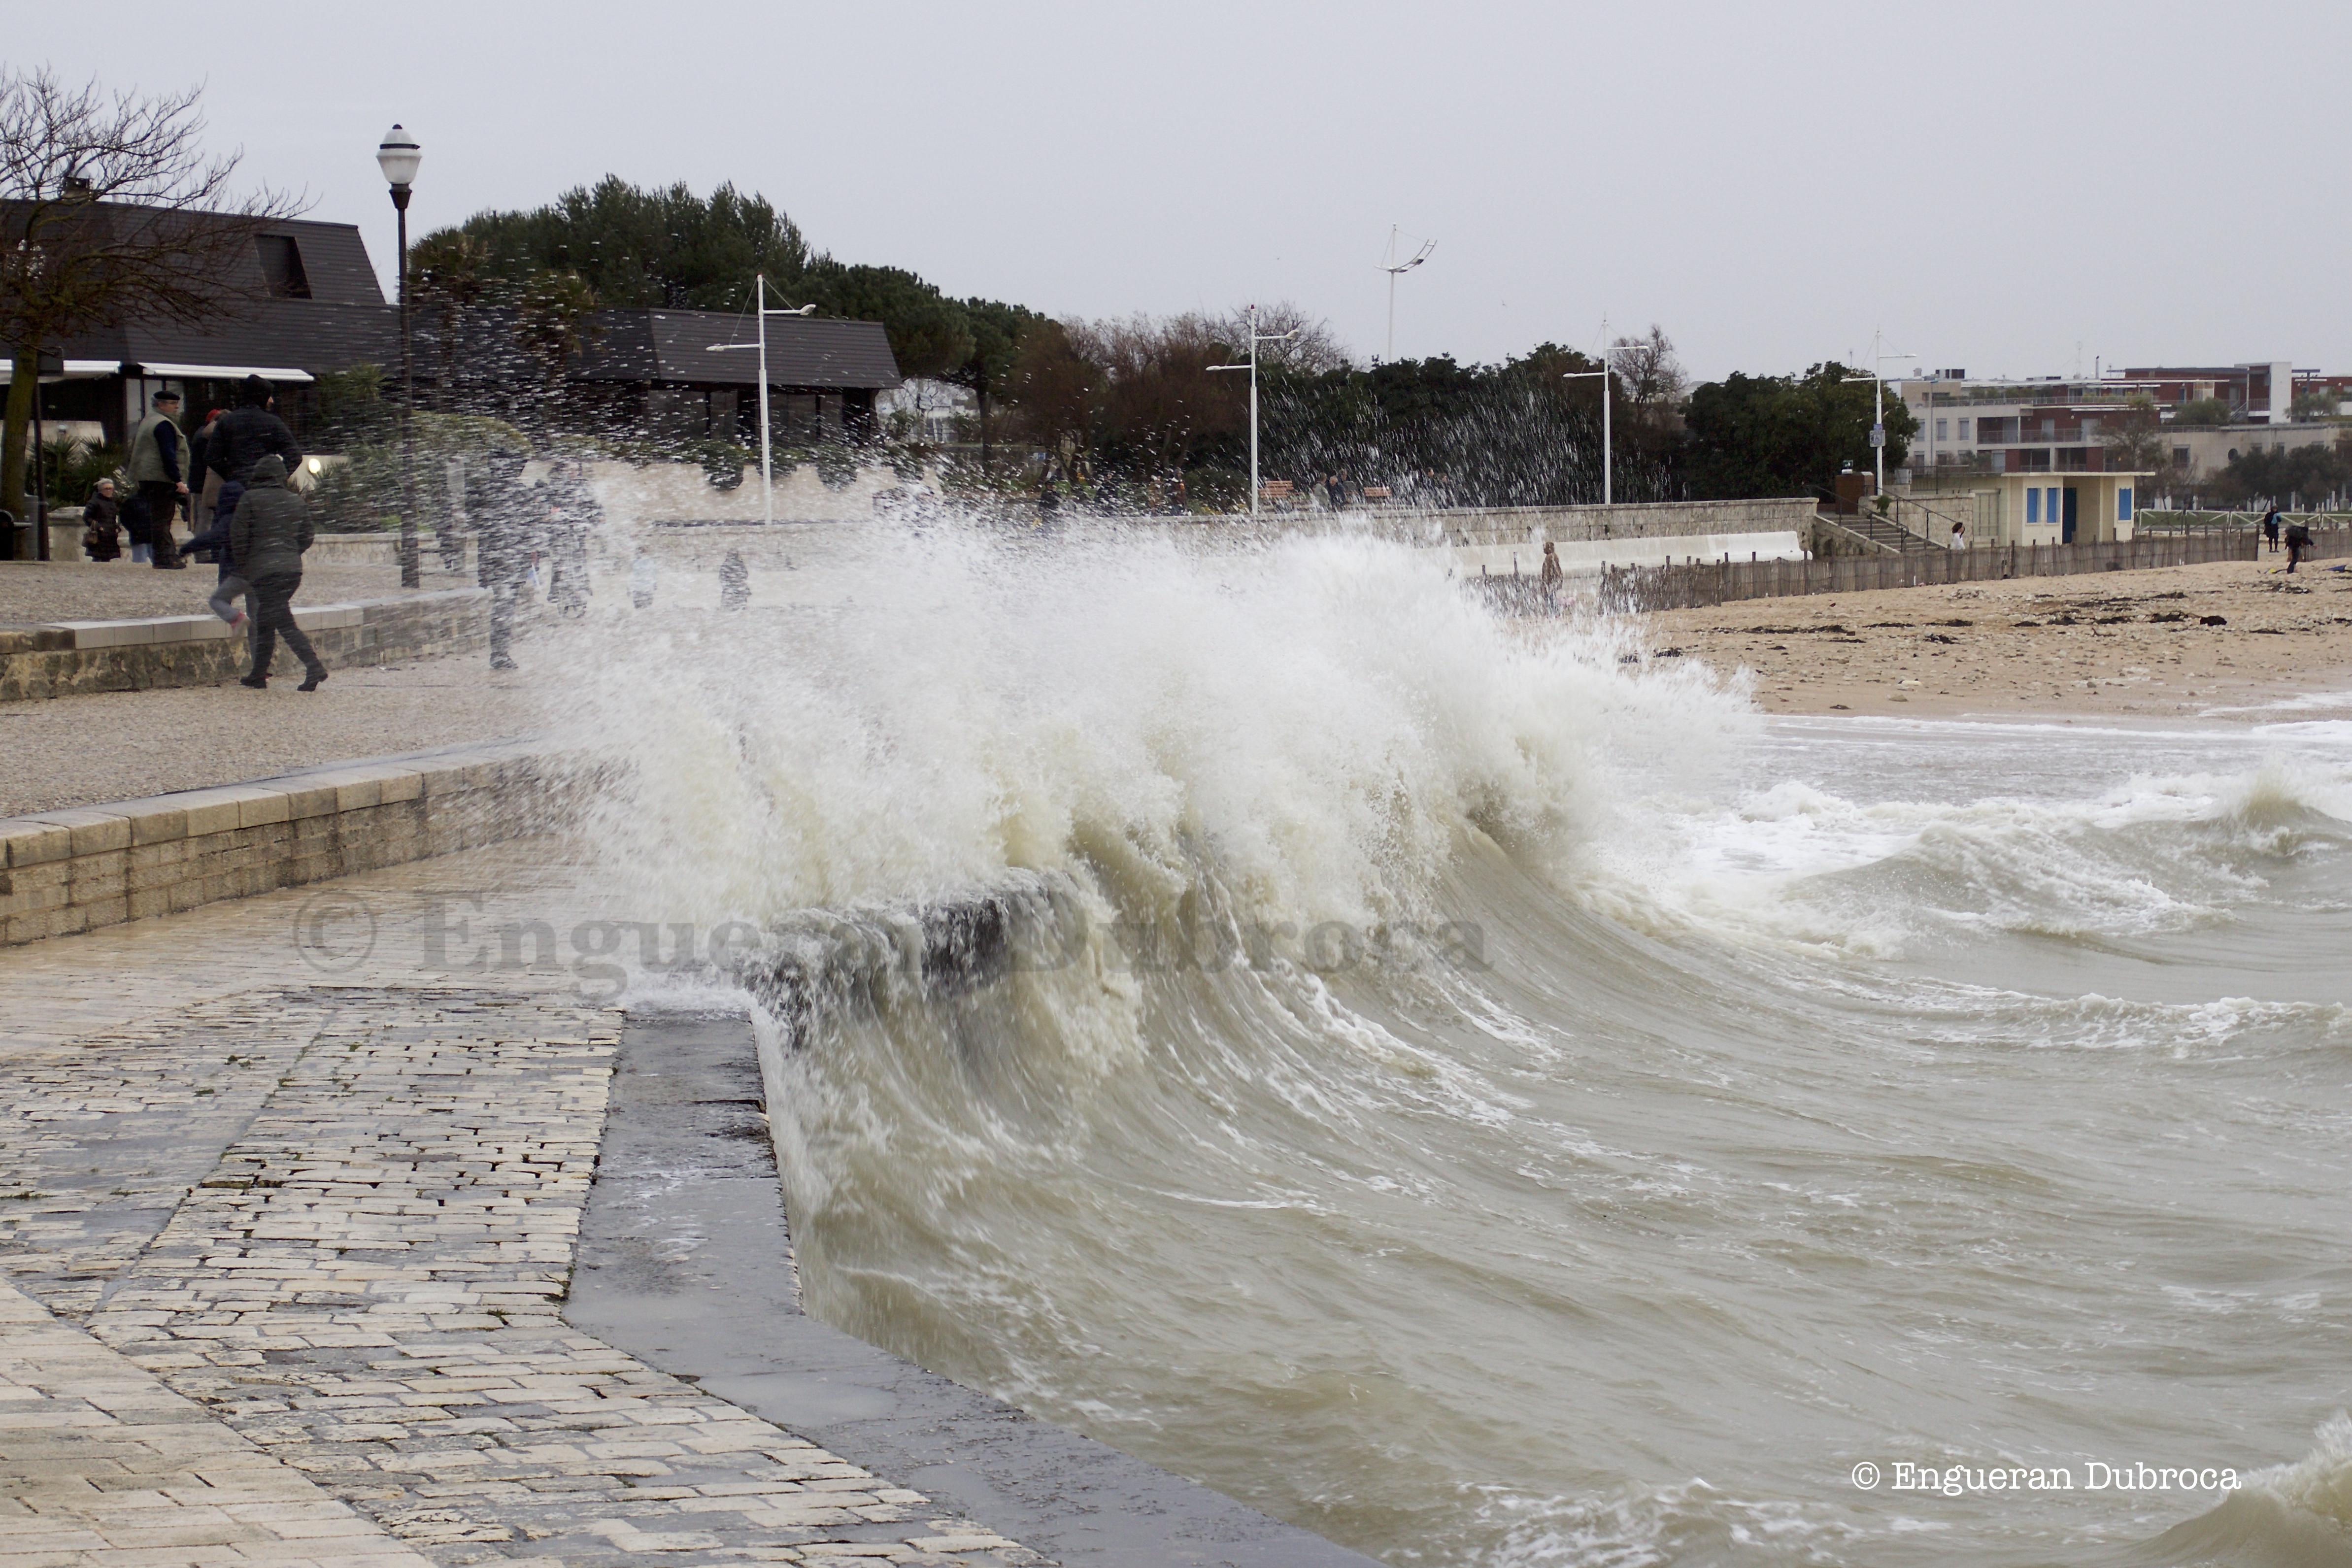 Vagues Submersion et vents violents en littoral Atlantique